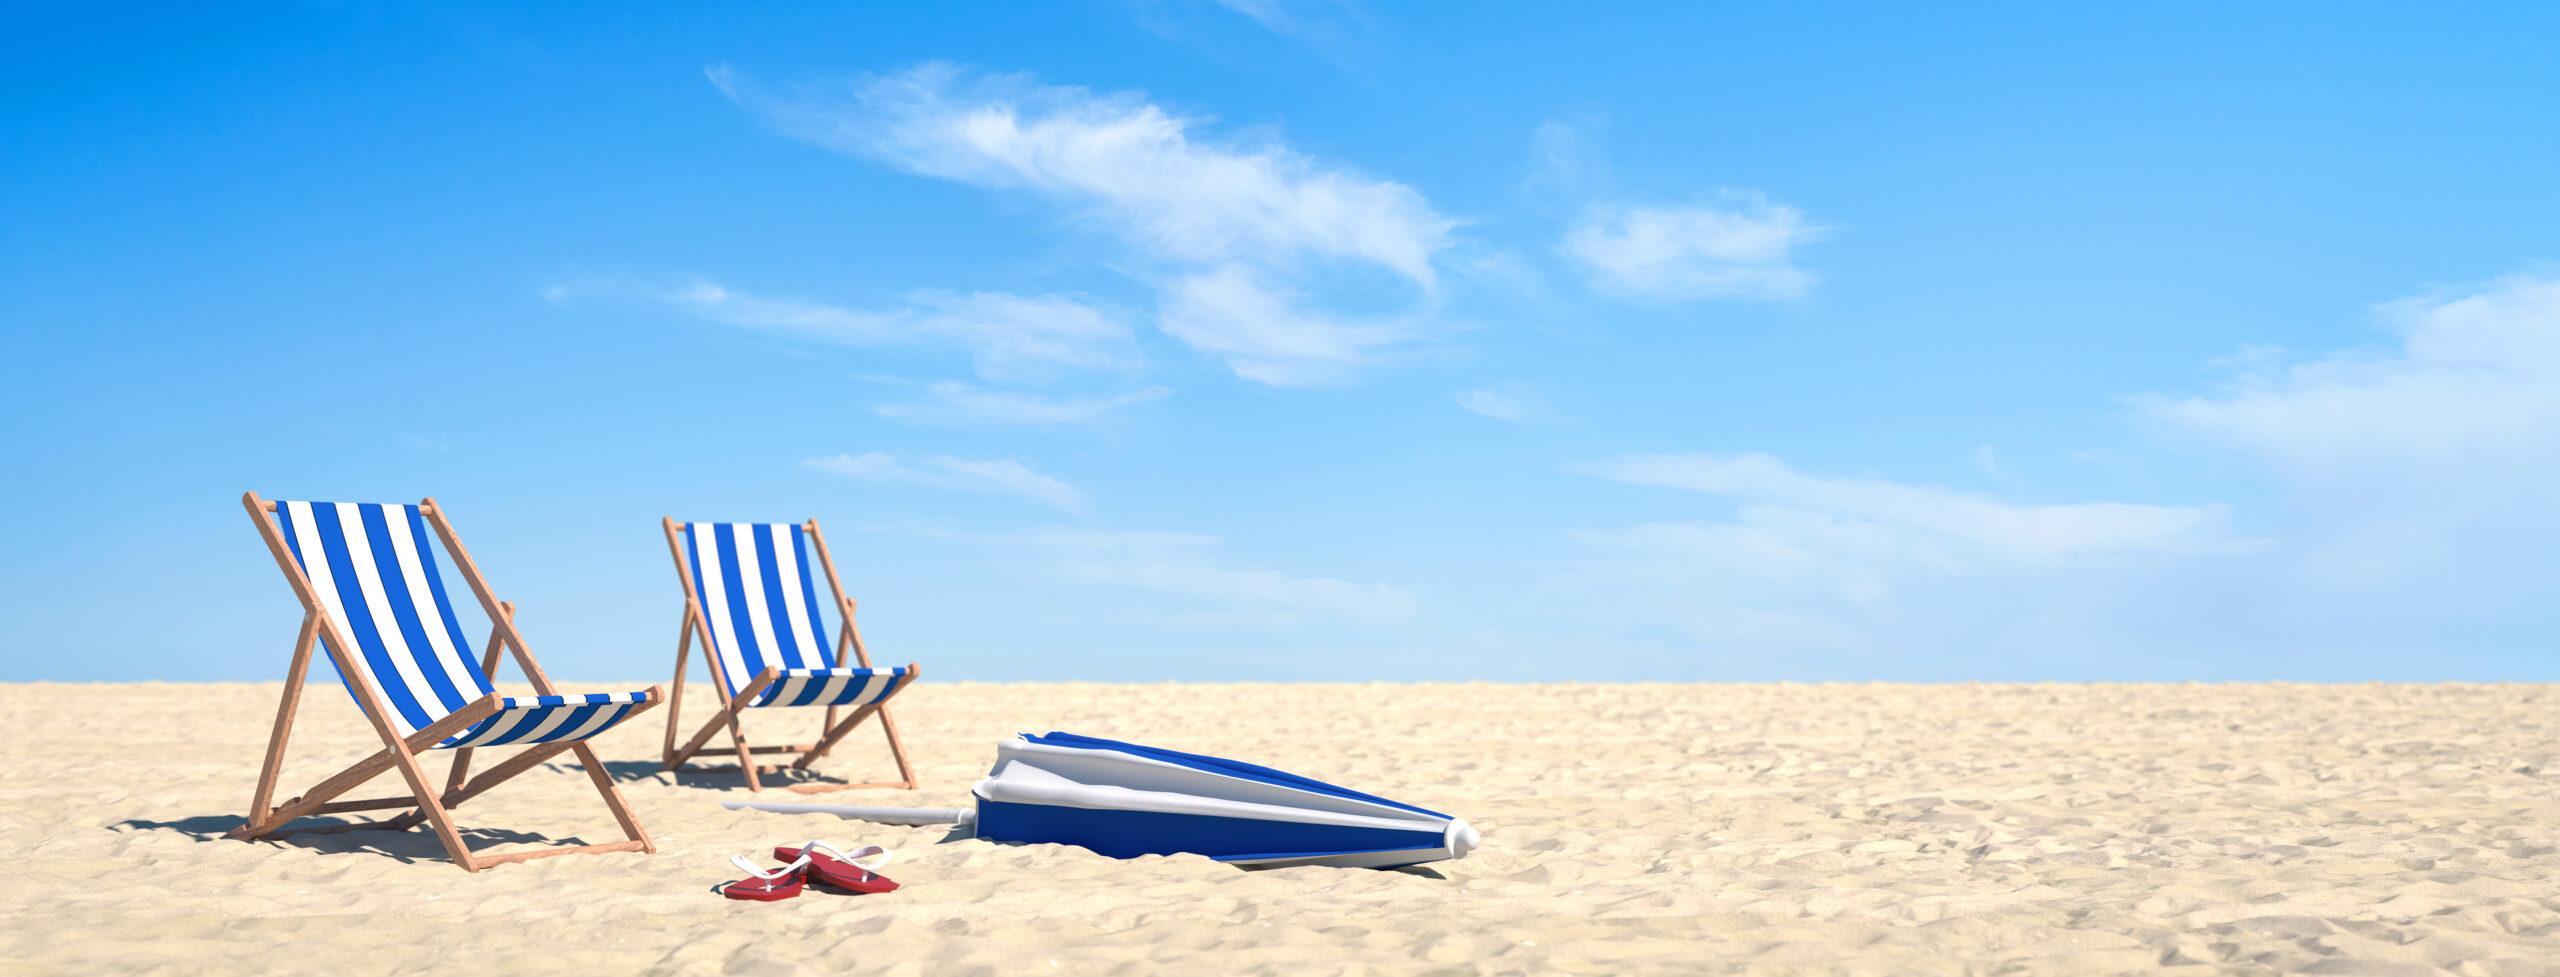 Strand Liegen im Sand unter blauem Himmel